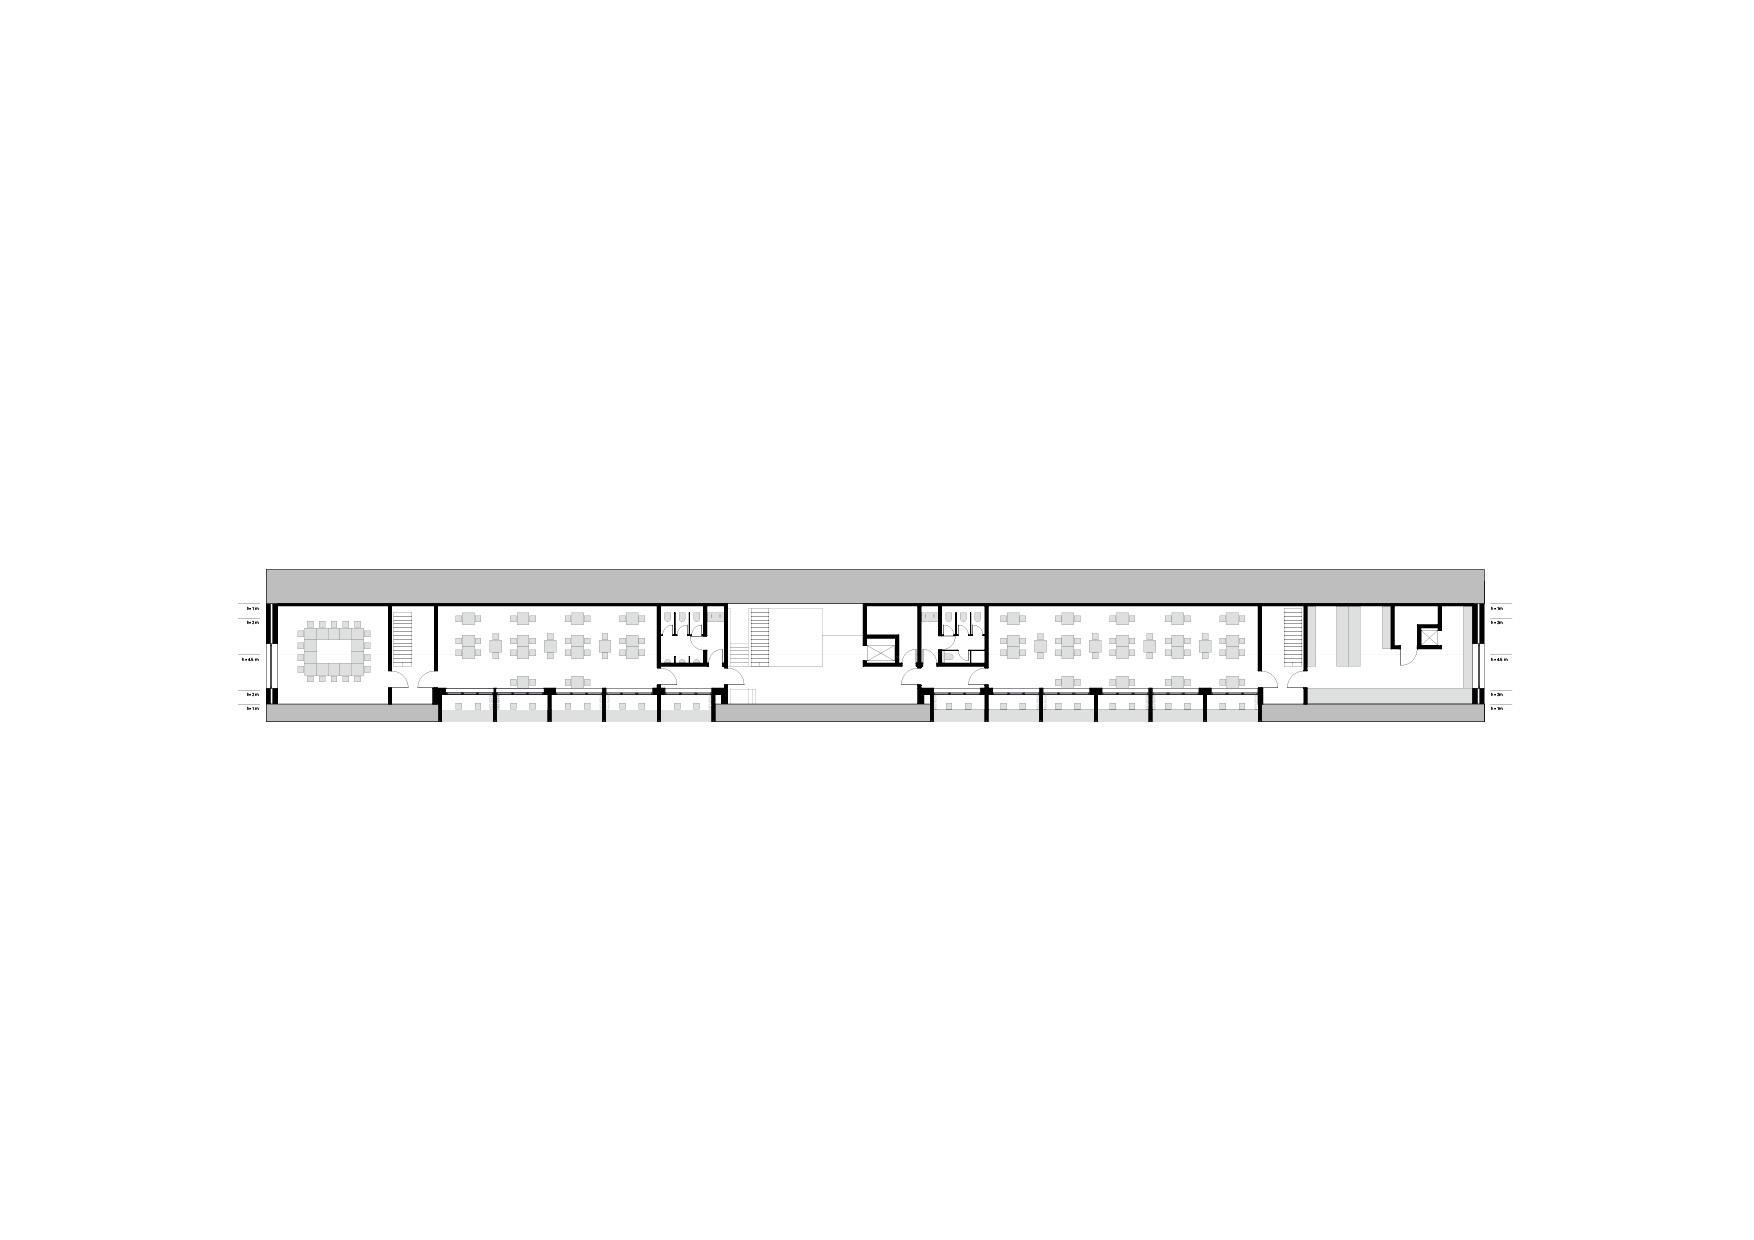 KUBIK Architektur - Studio für Architektur Berlin - architecture - Projekt - Hotel - Dachgeschoss